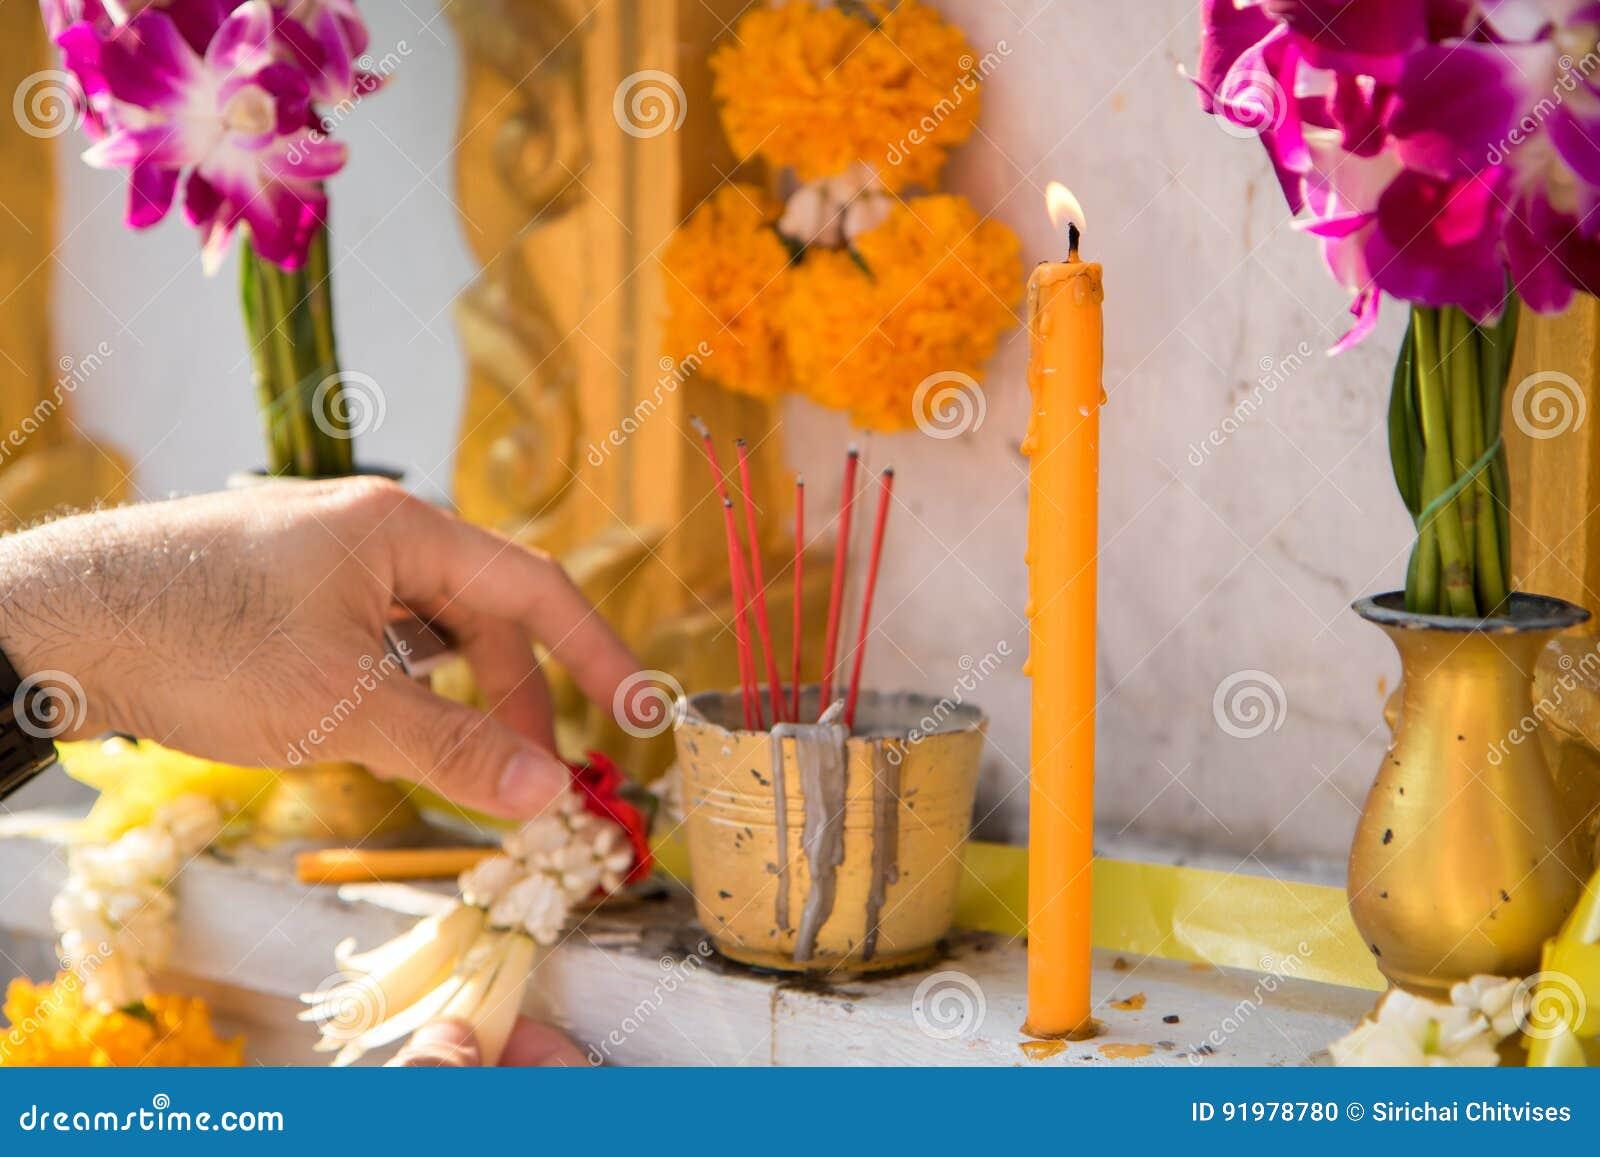 Fleur Encens Bougie Pour L Homme Mort Dans La Culture De